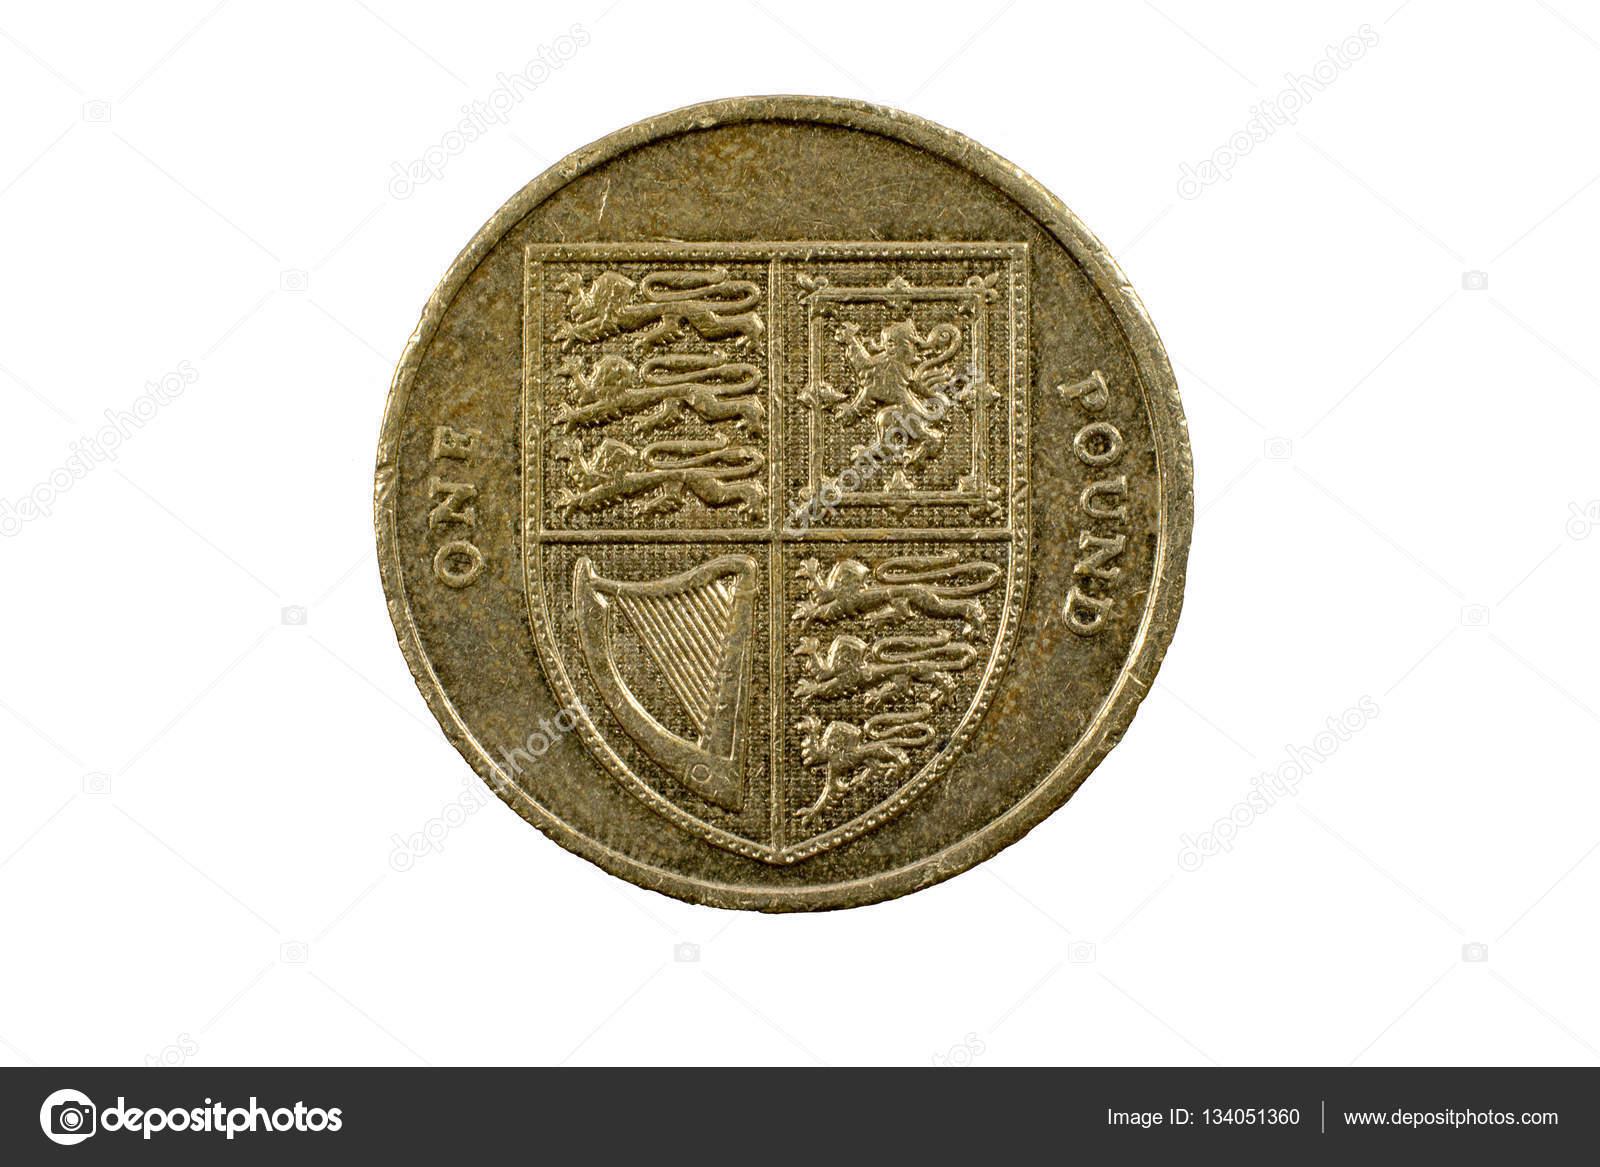 Großbritannien 1 Pfund Münze Verwendet Stockfoto Russell102